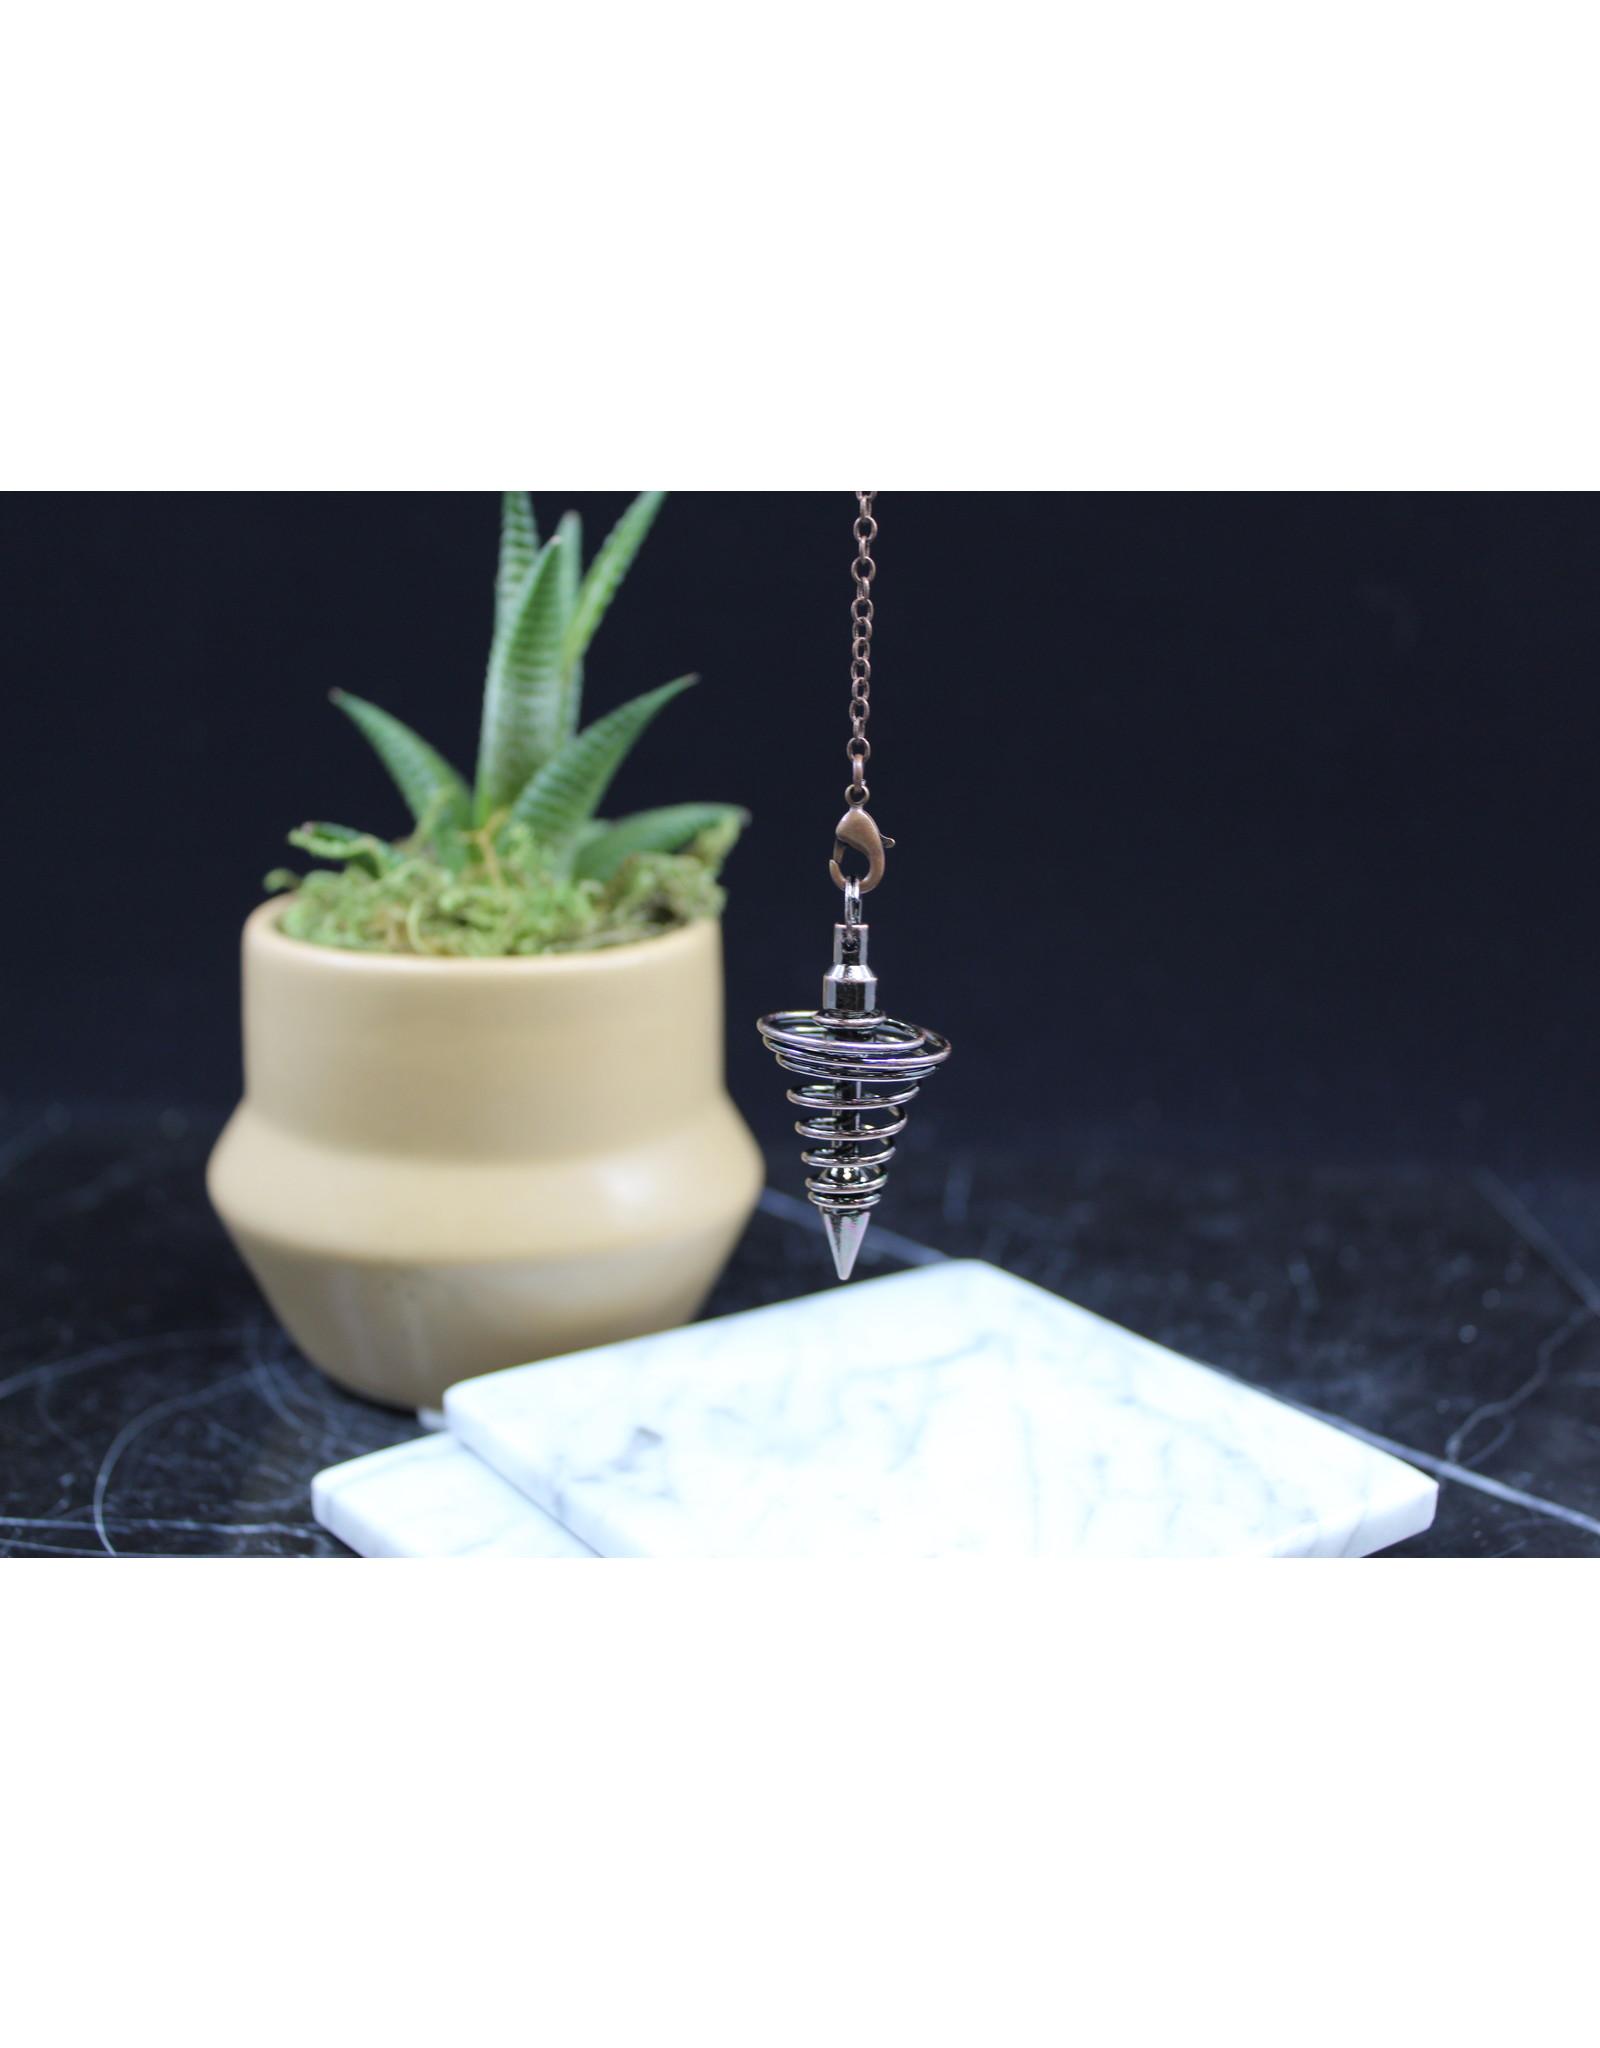 Spiral Vortex Pendulum-Antique Bronze